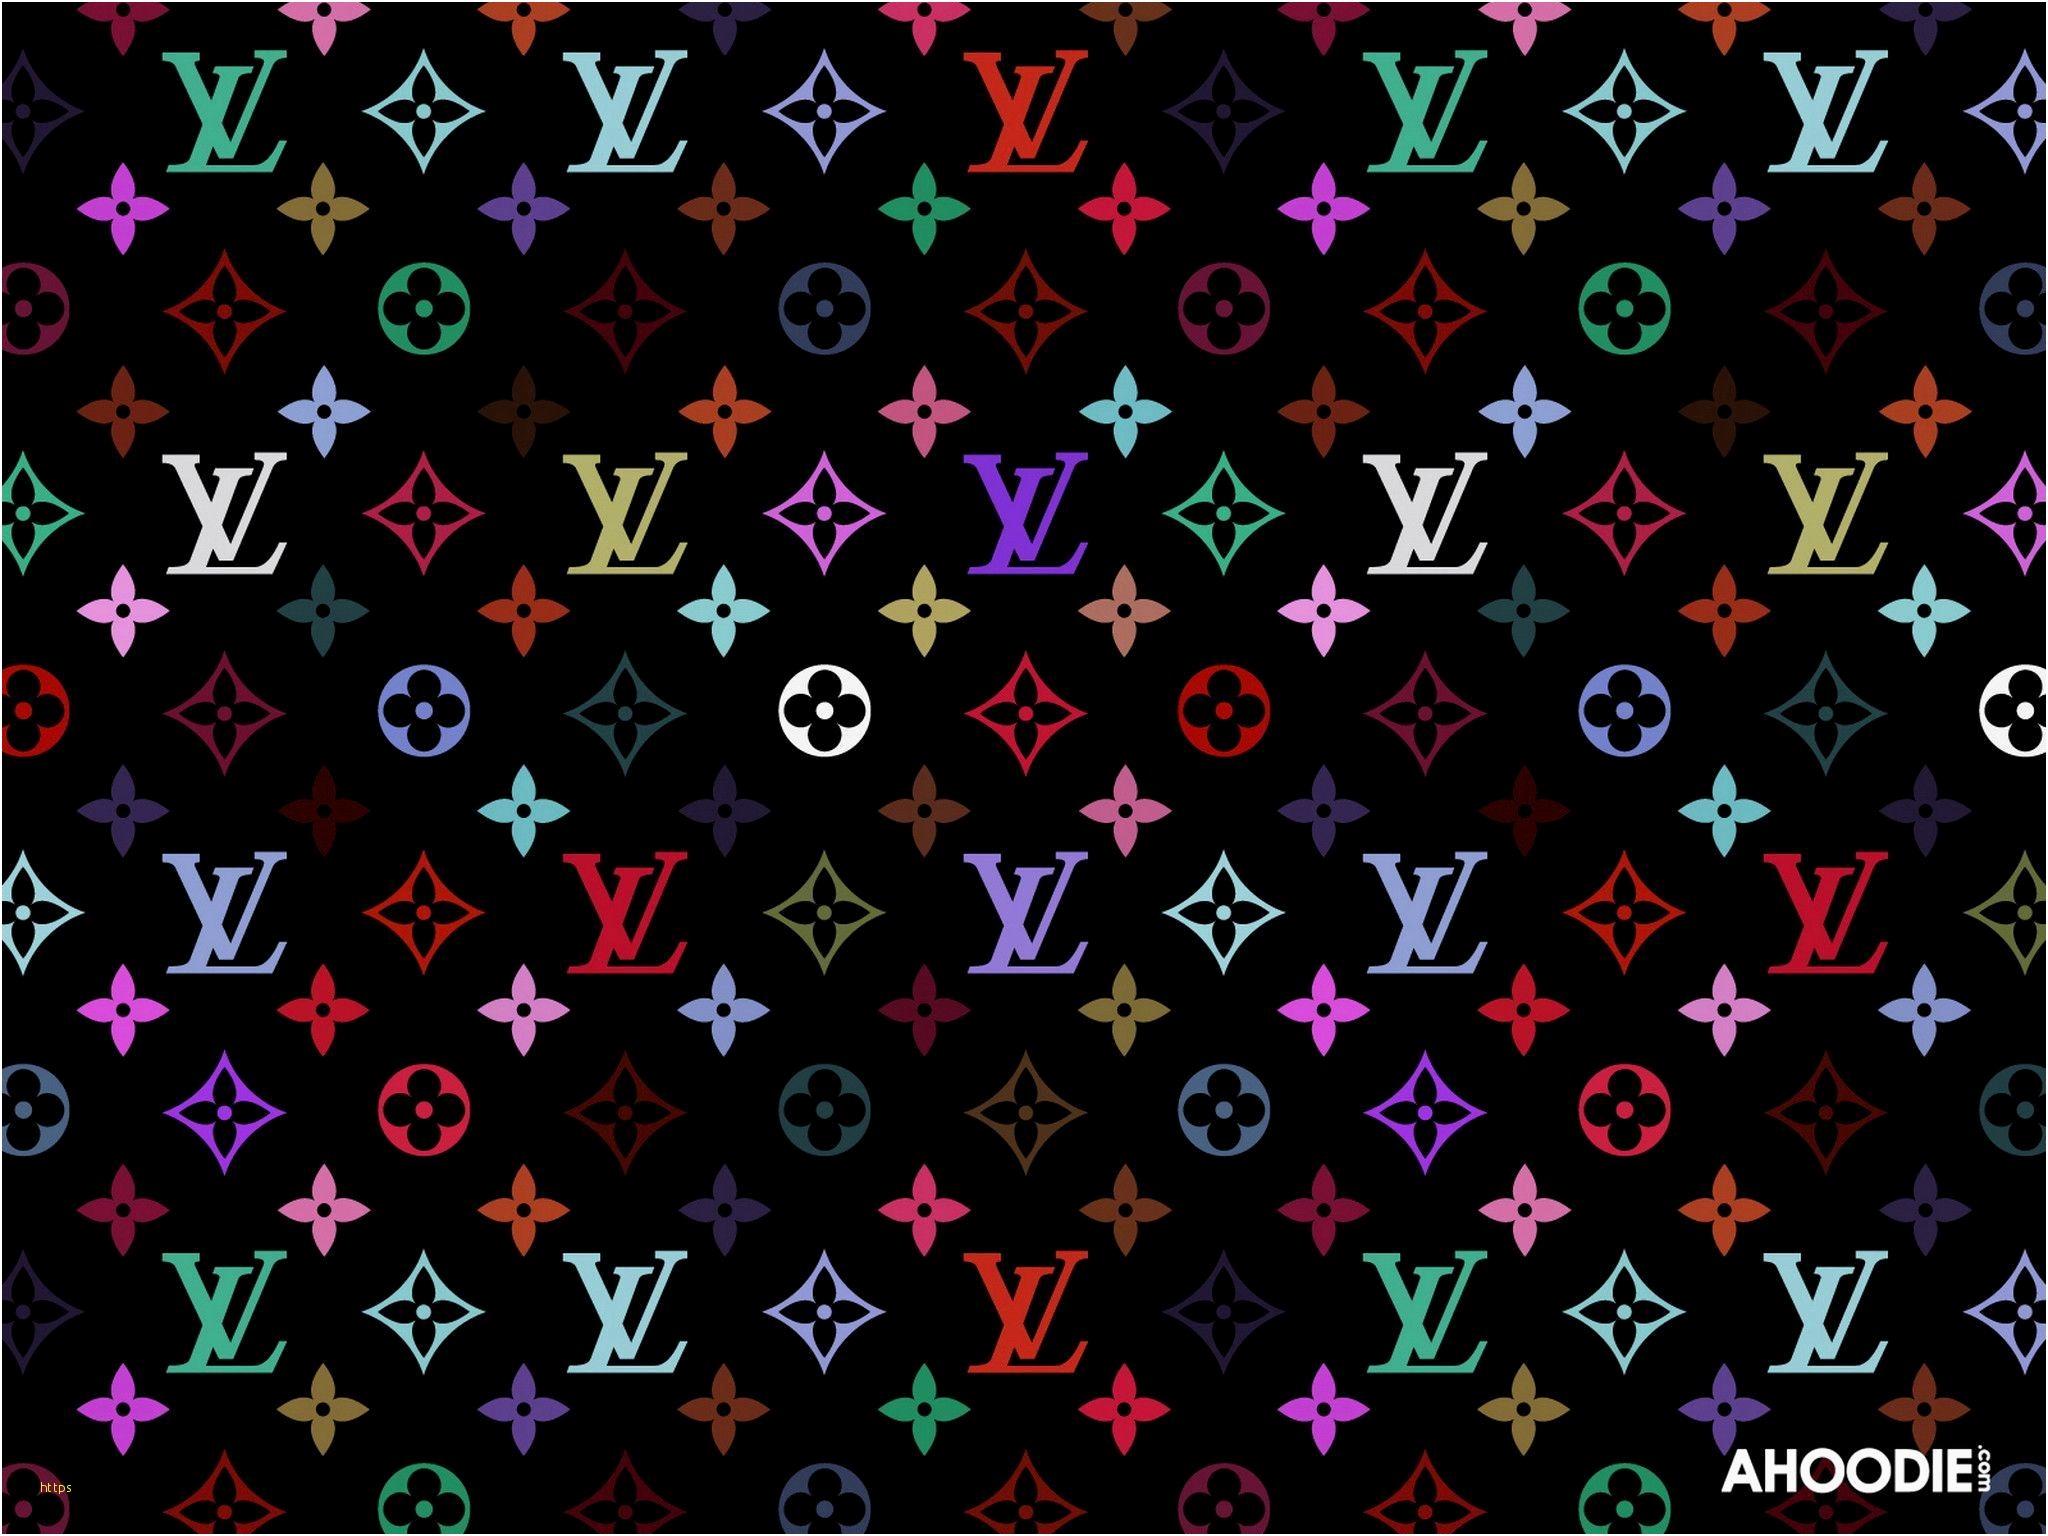 Louis Vuitton Wallpaper Beautiful Louis Vuitton Wallpapers Magic